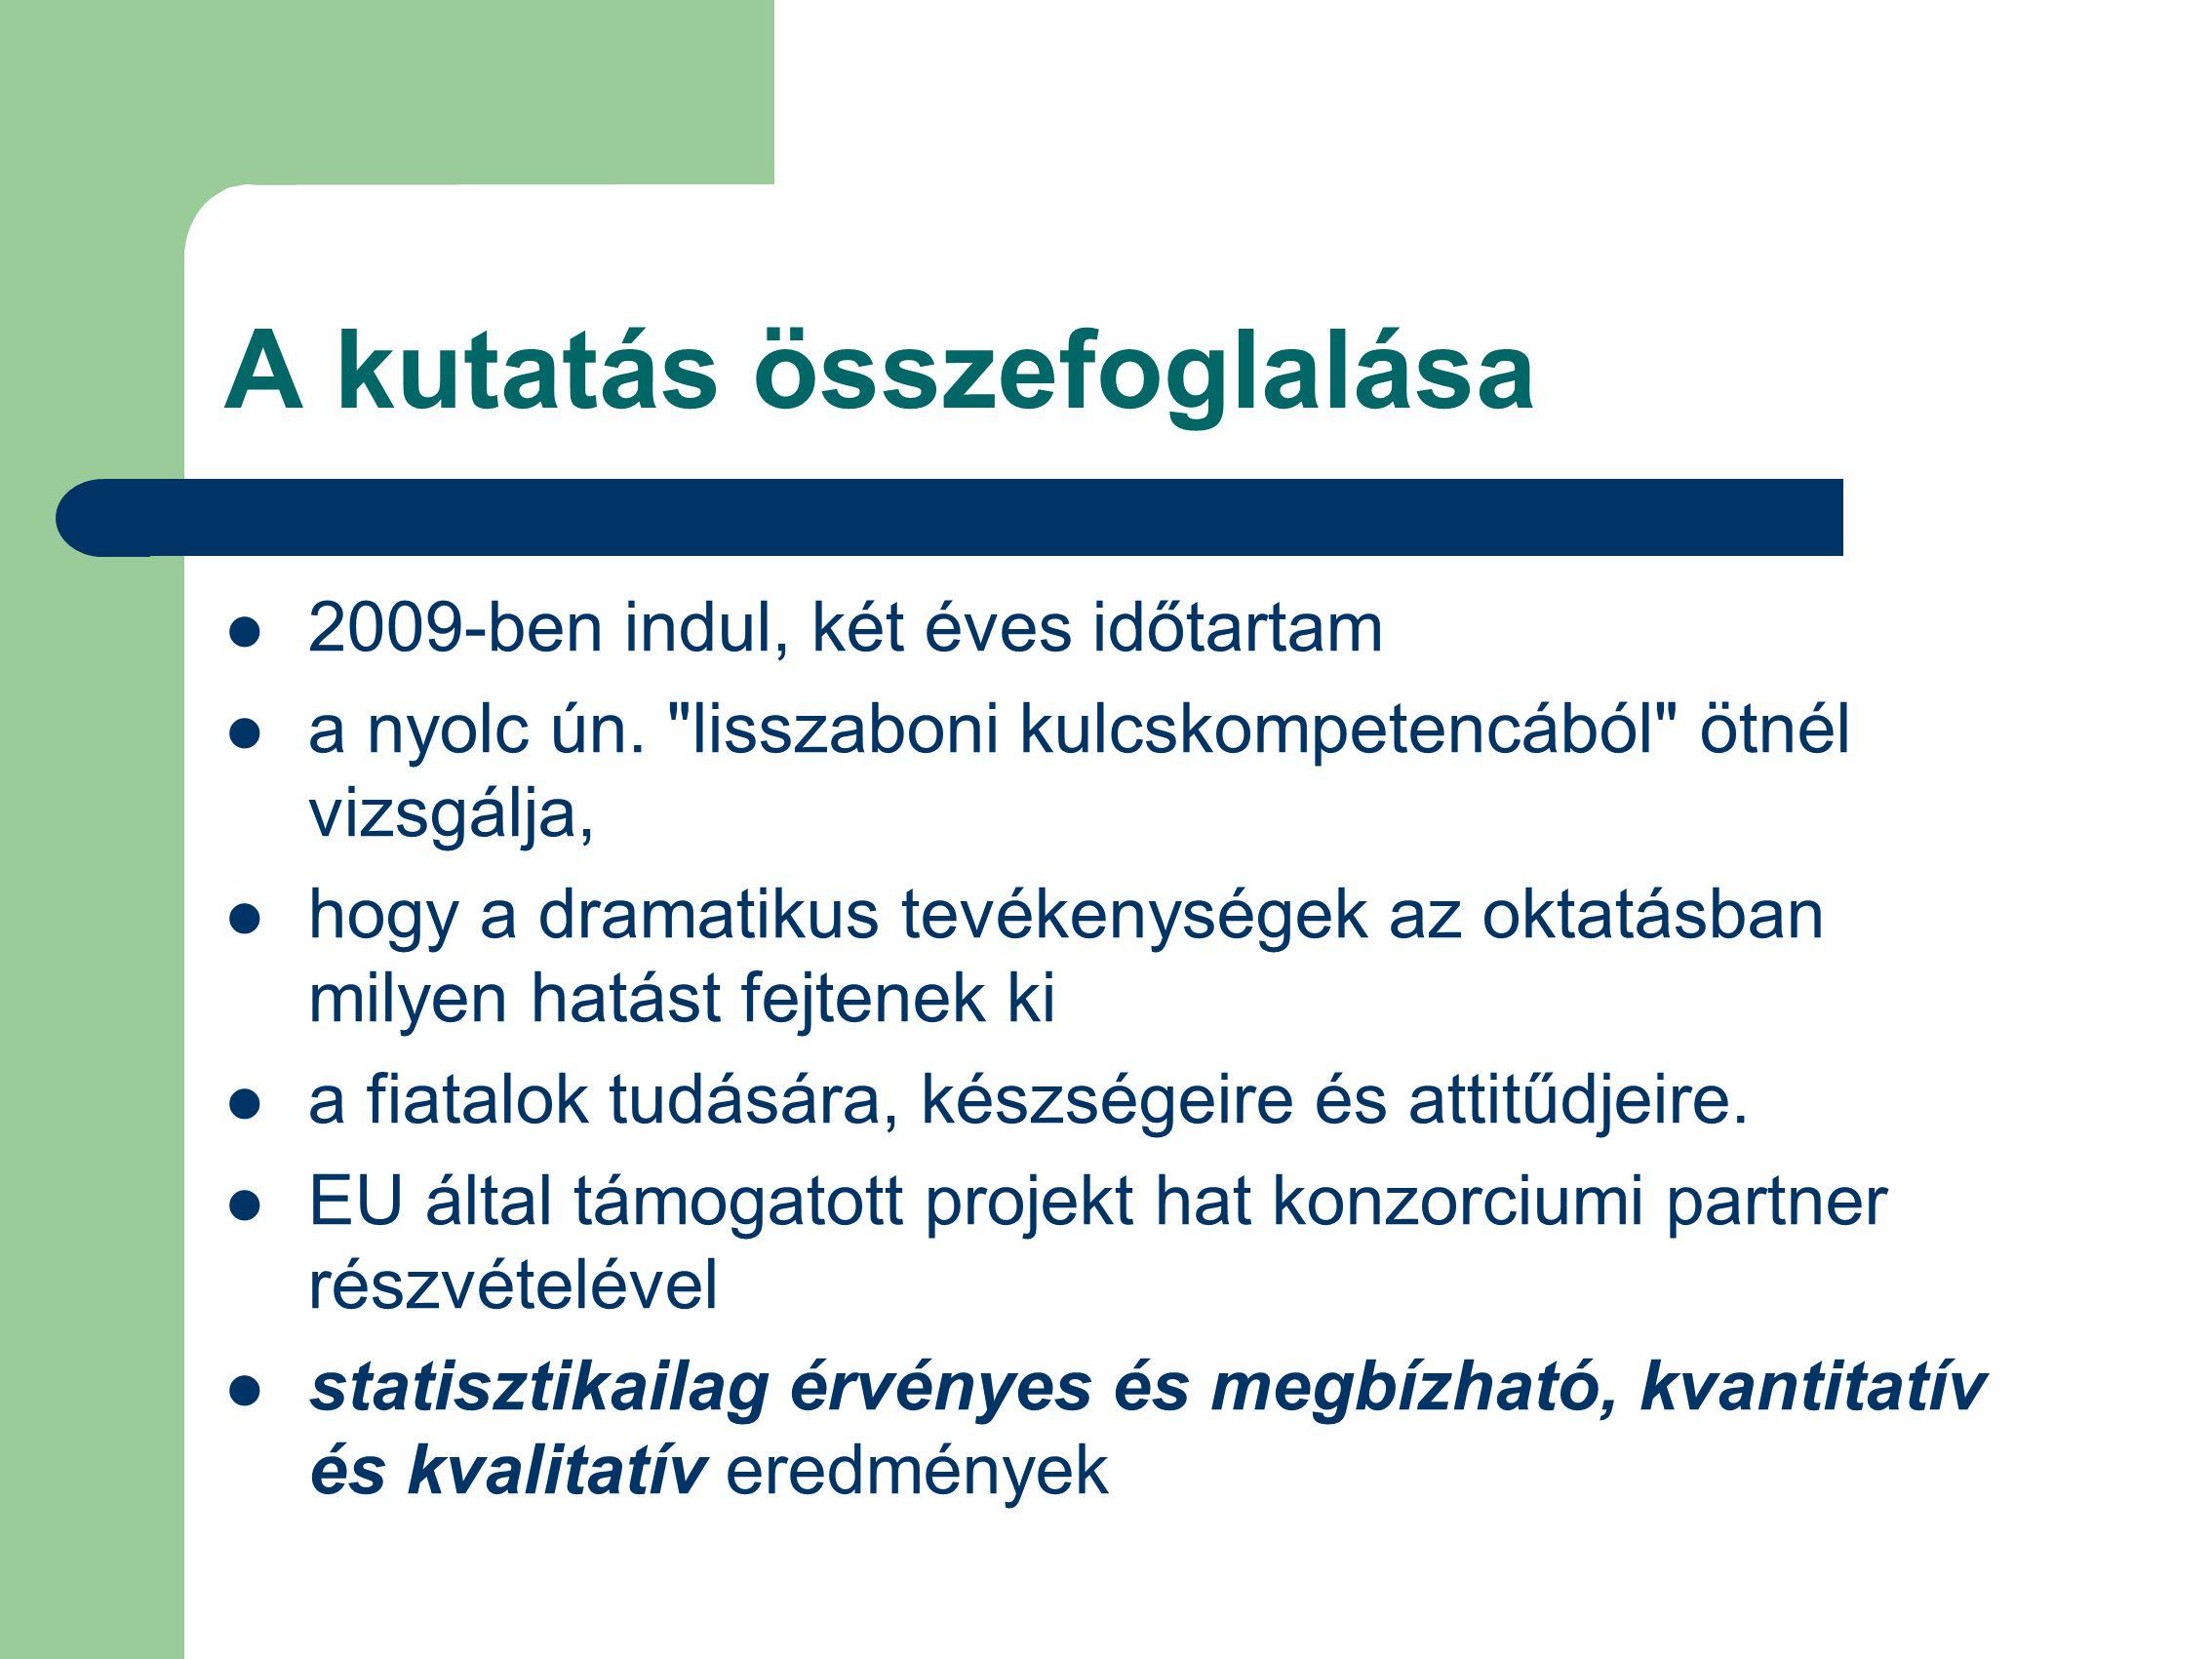 A kutatás összefoglalása 2009-ben indul, két éves időtartam a nyolc ún.